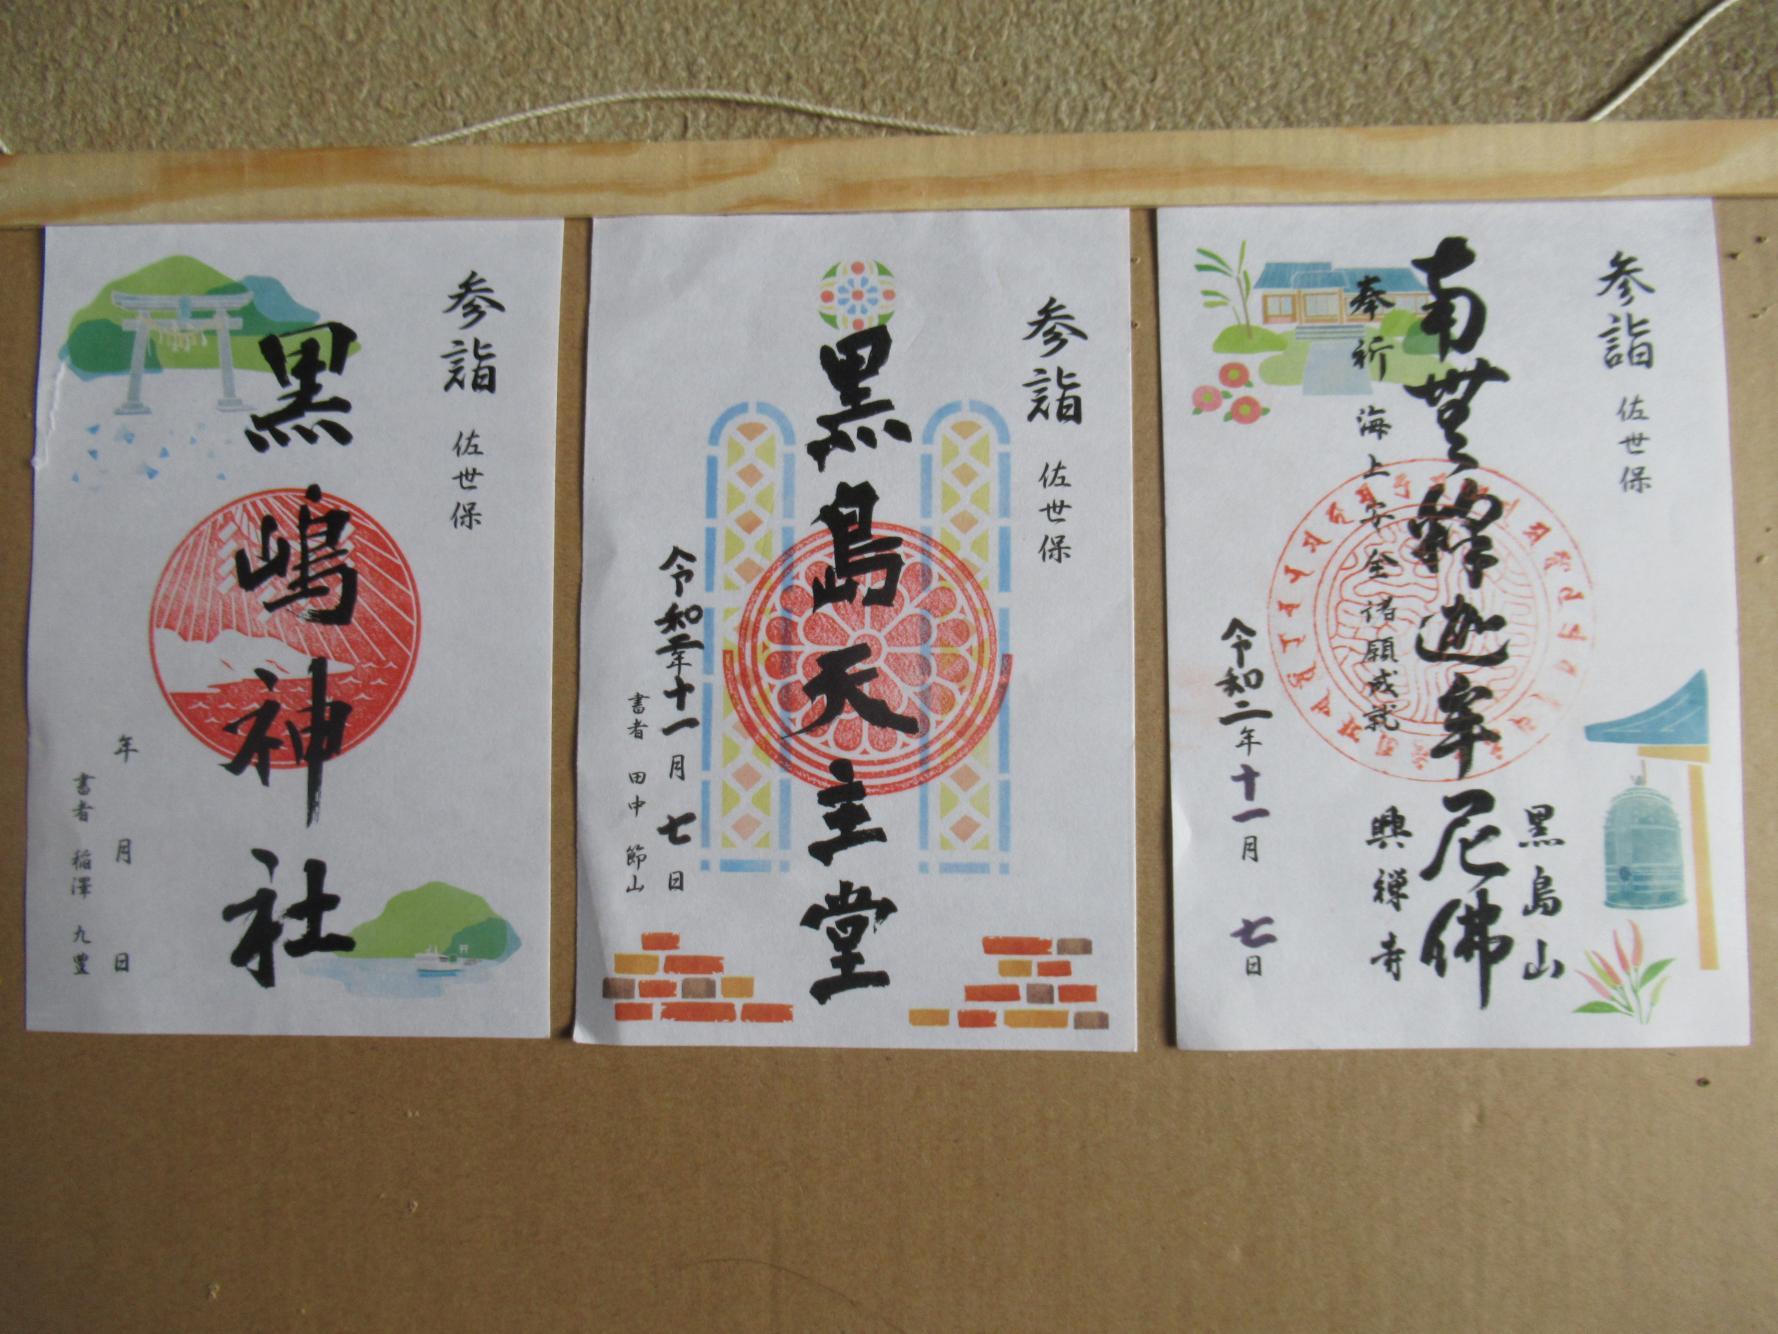 黒島オリジナル御朱印台紙ができました。-1